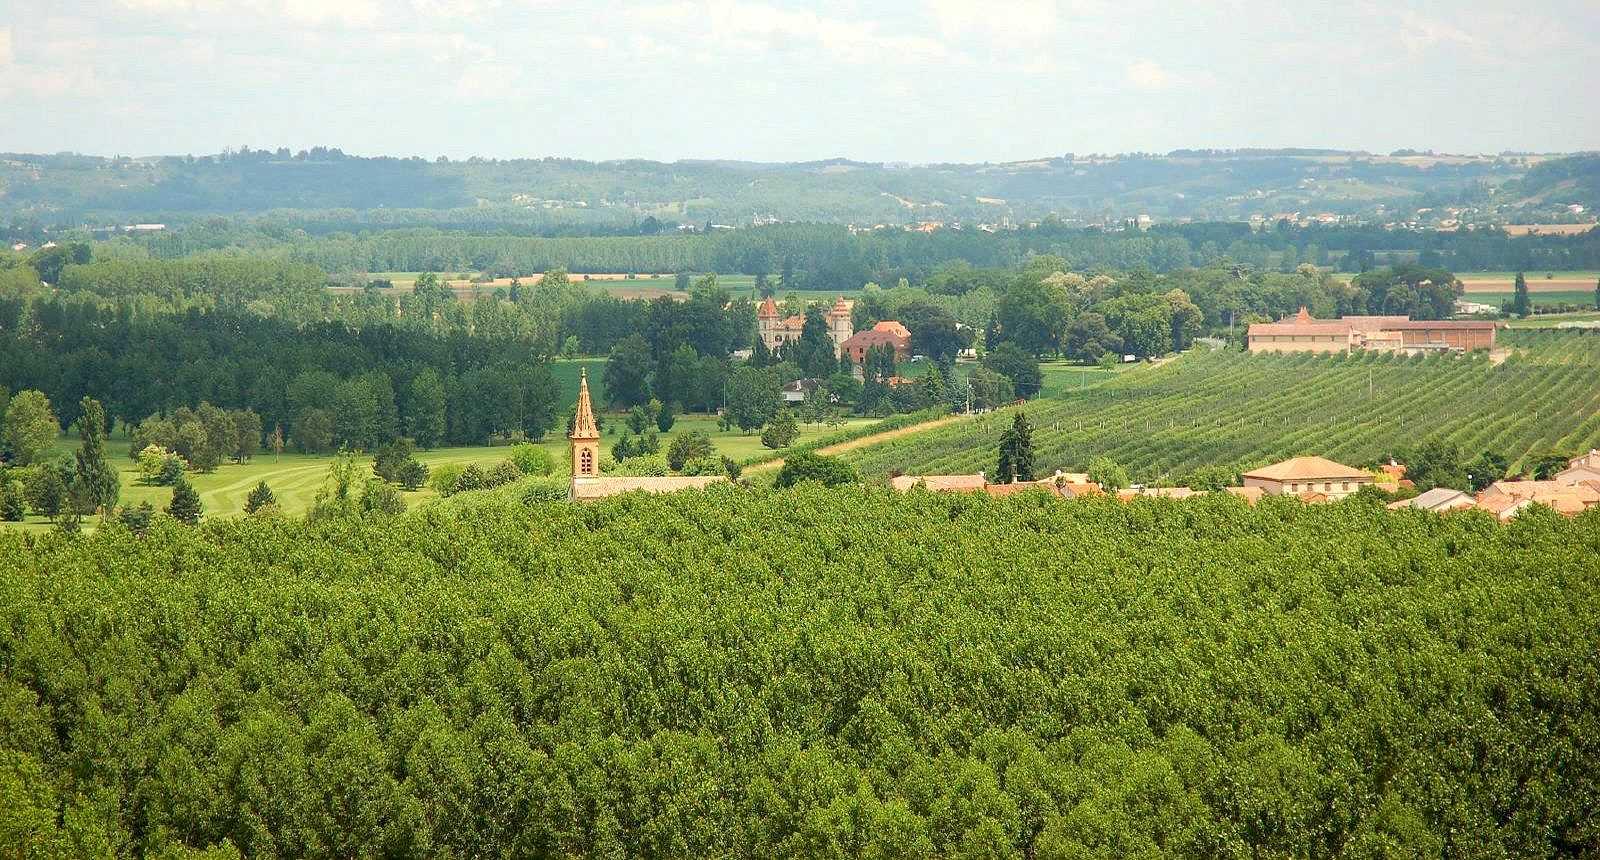 Vue sur Auvillar et le vignoble